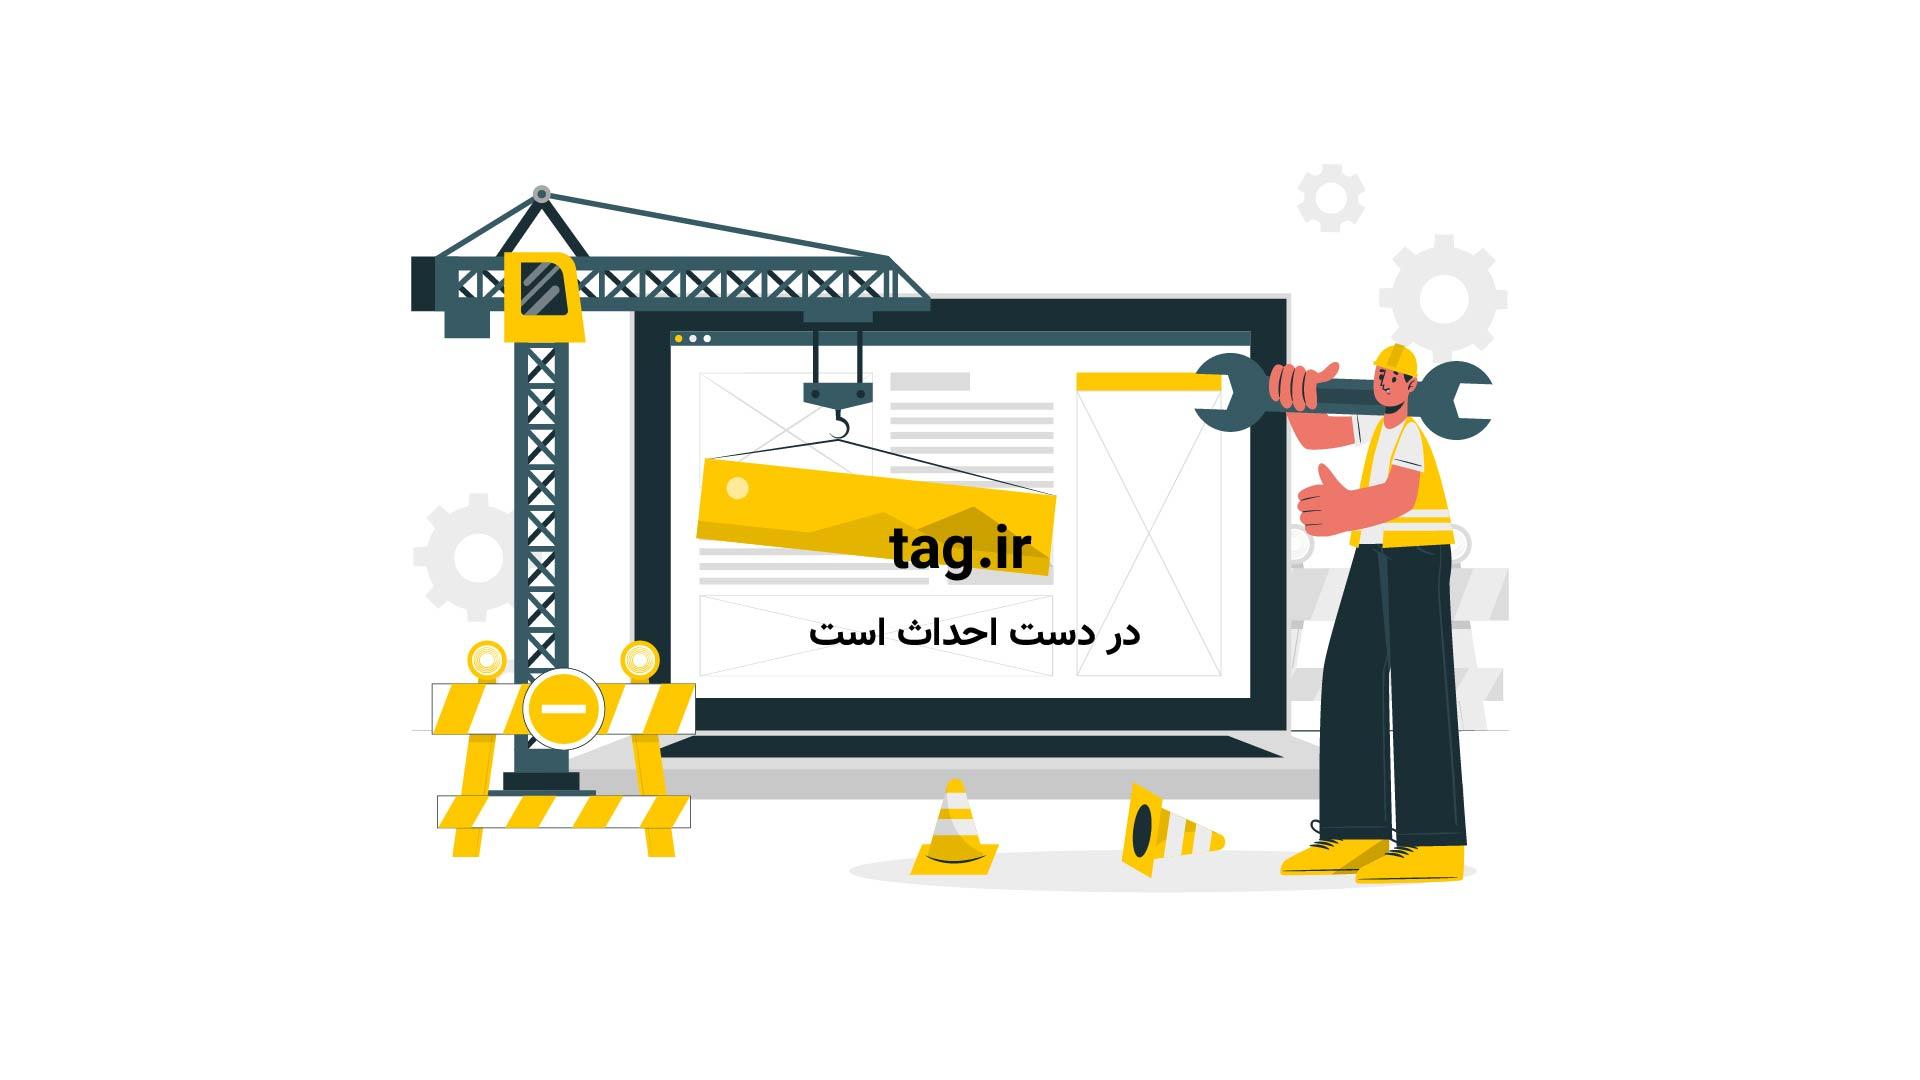 جان لوئیجی بوفون برنده جایزه بهترین دروازه بان سال ۲۰۱۷ | فیلم